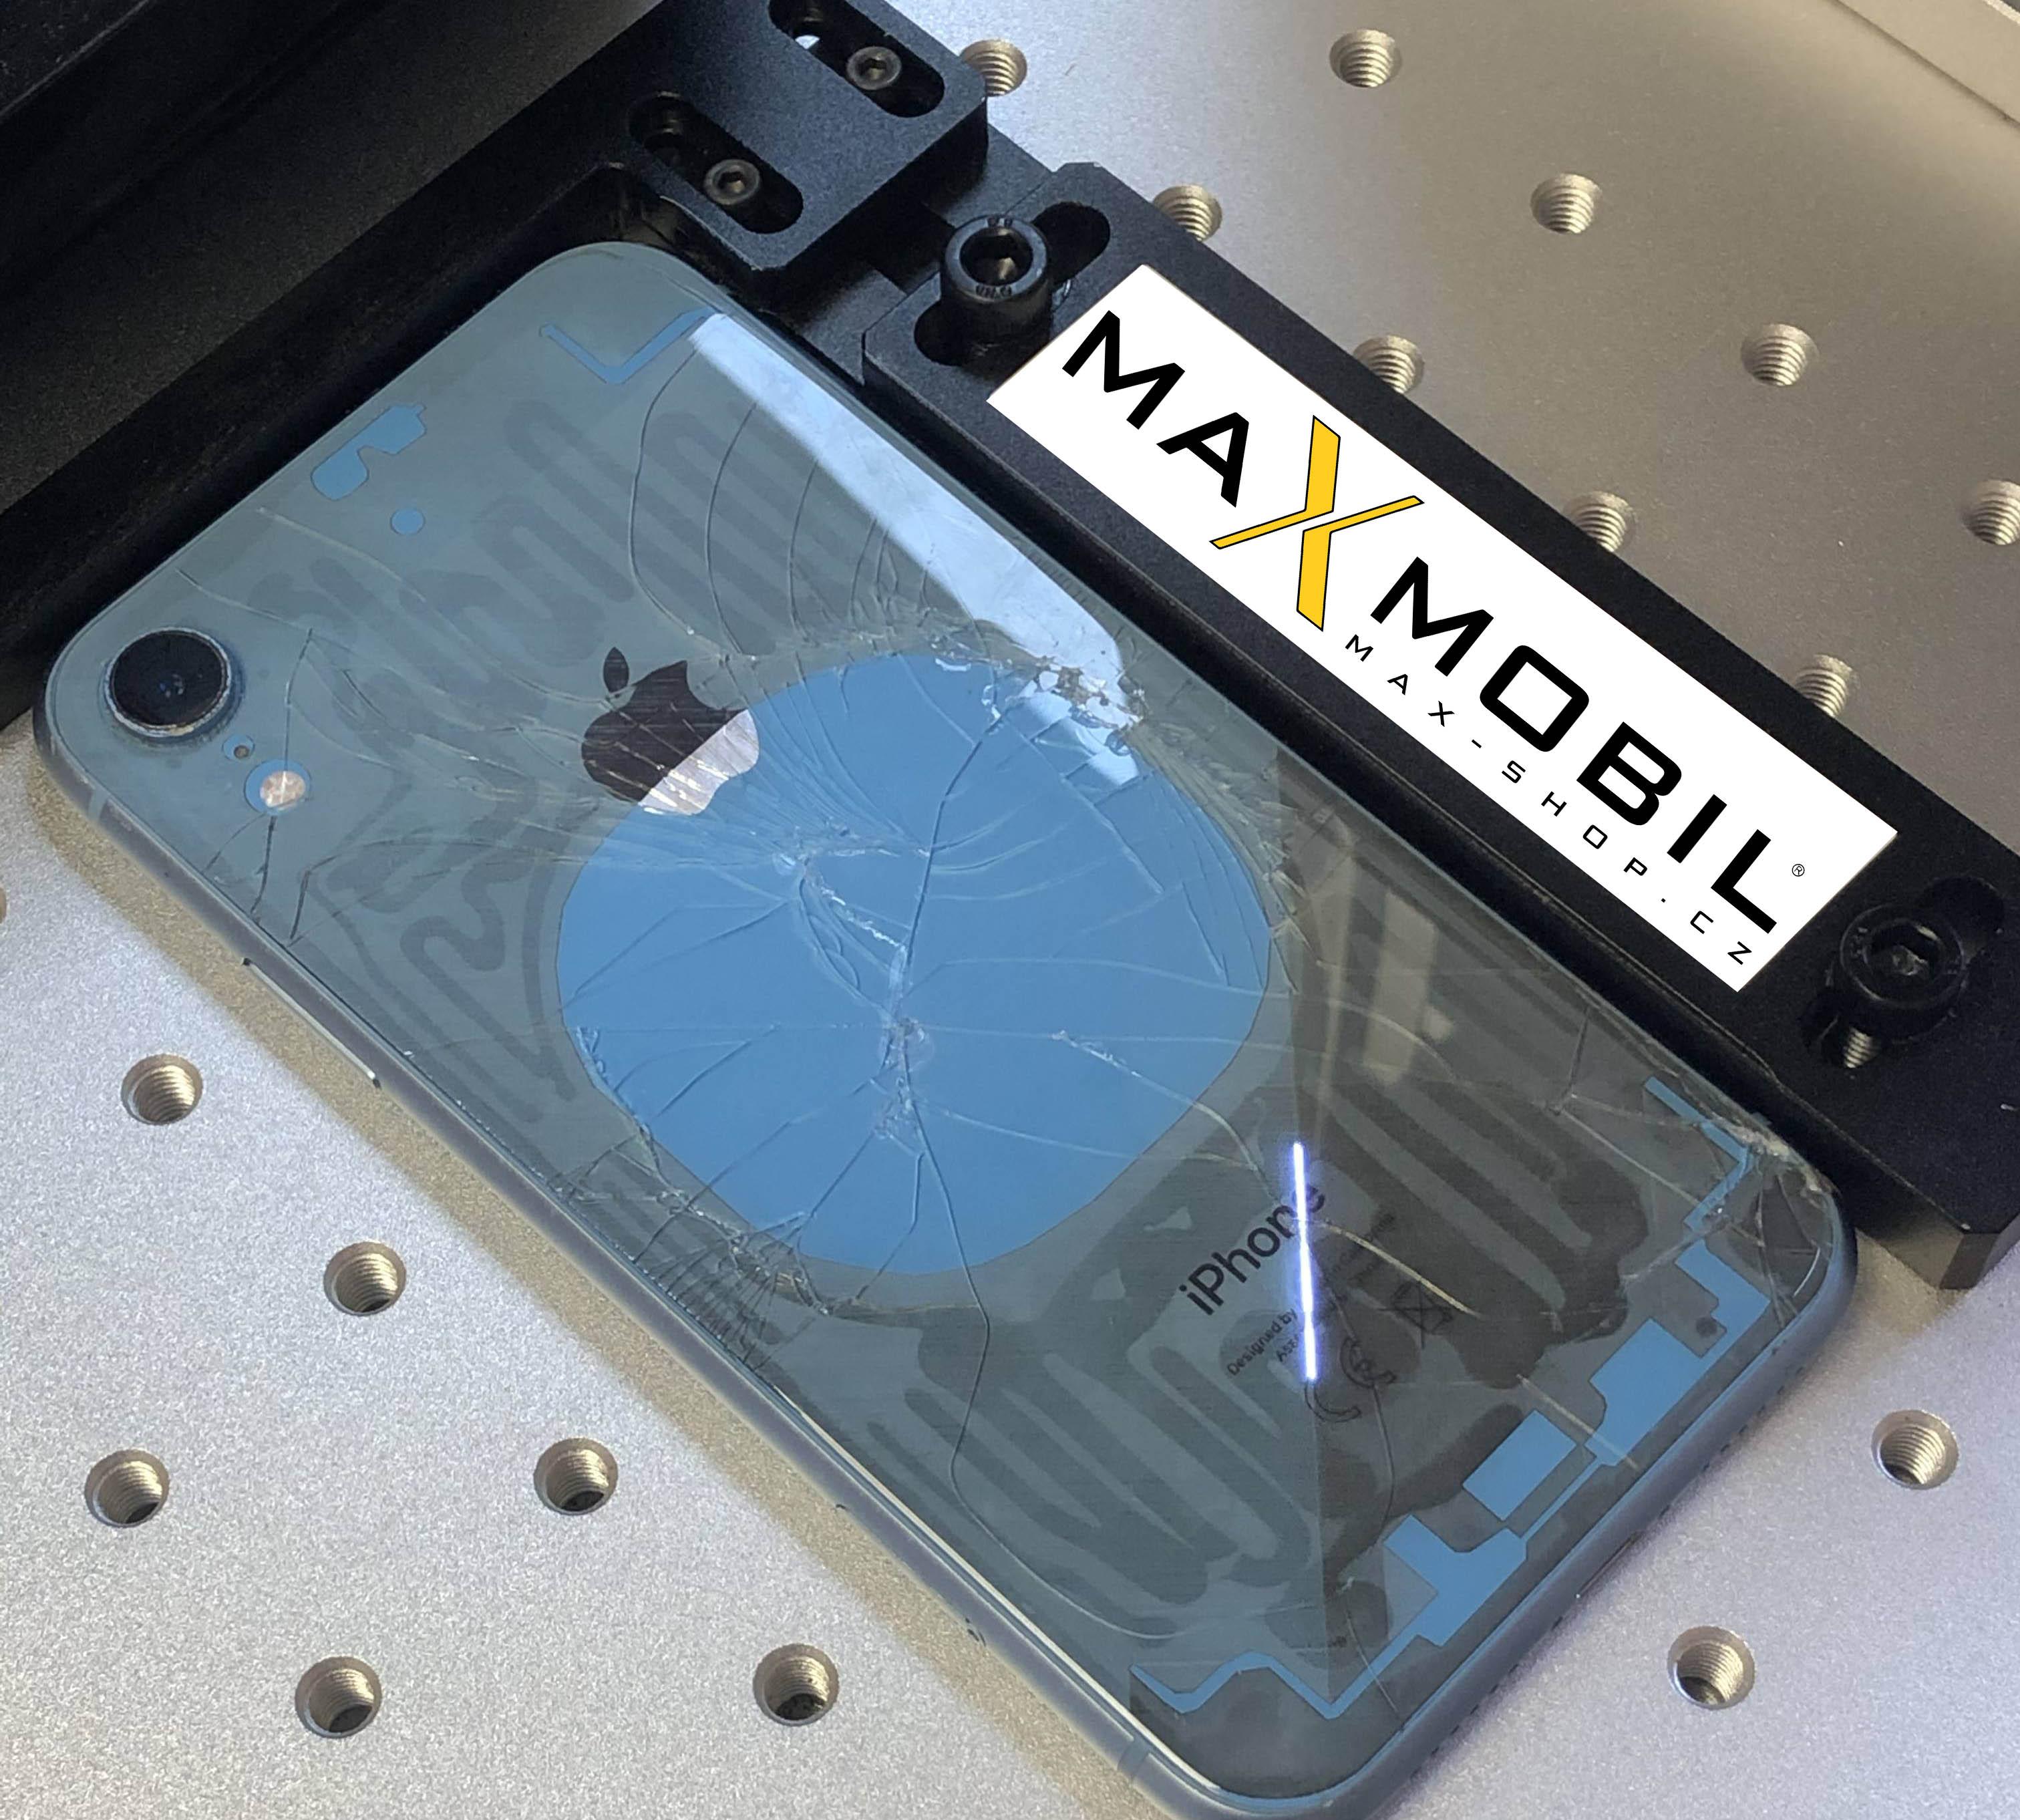 Demontáž zadního skla na zařízení Apple iPhone Xr